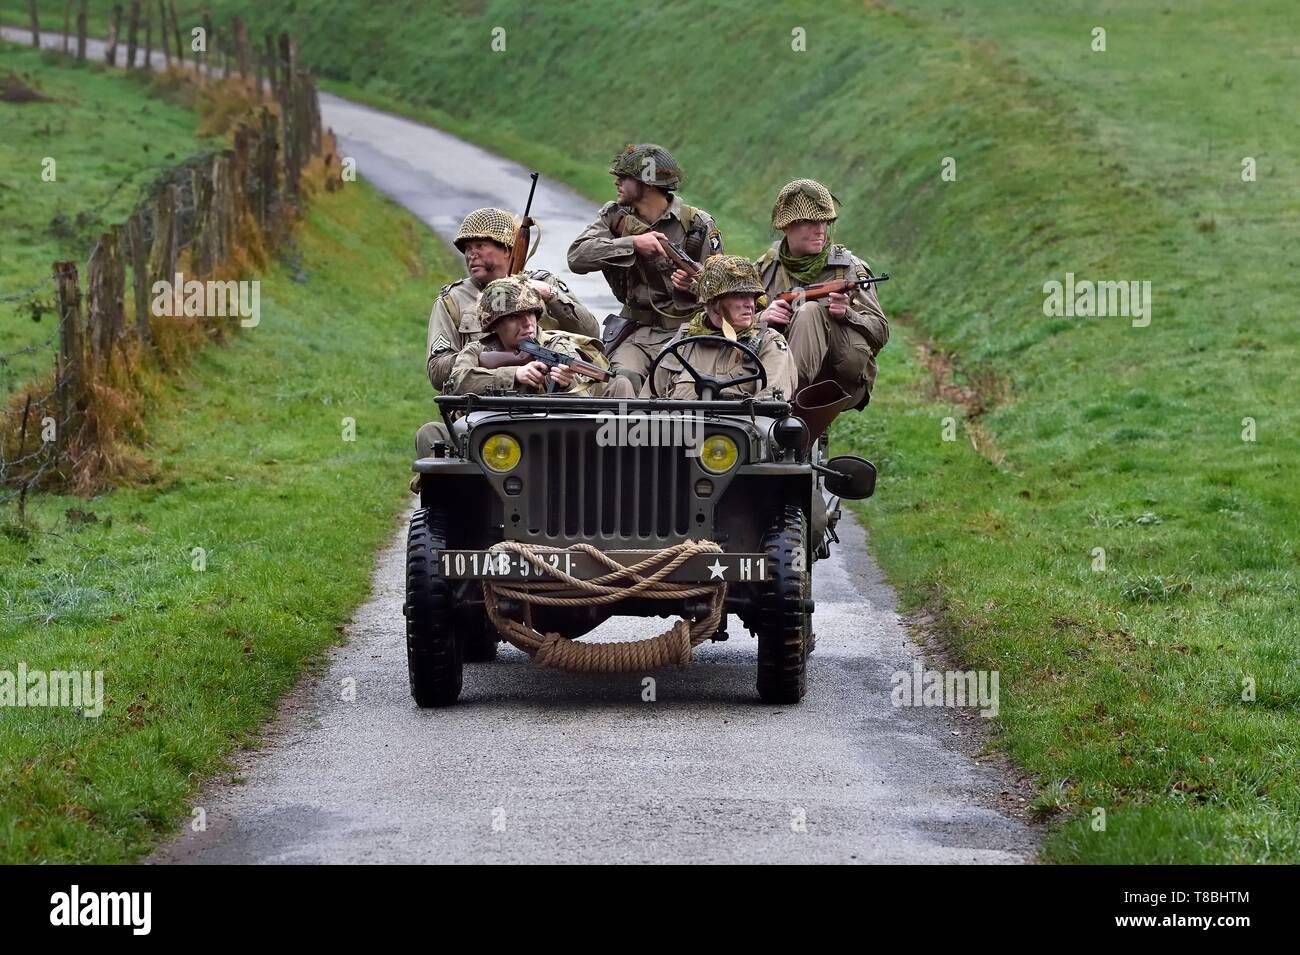 Francia, Eure, Sainte Colombe prÚs Vernon, aliada de la reconstitución Group (EE.UU. Guerra Mundial 2 y francés Maquis reconstrucción histórica Association), recreadores en uniforme de la 101ª División Aerotransportada estadounidense avanza en un jeep Willys Foto de stock